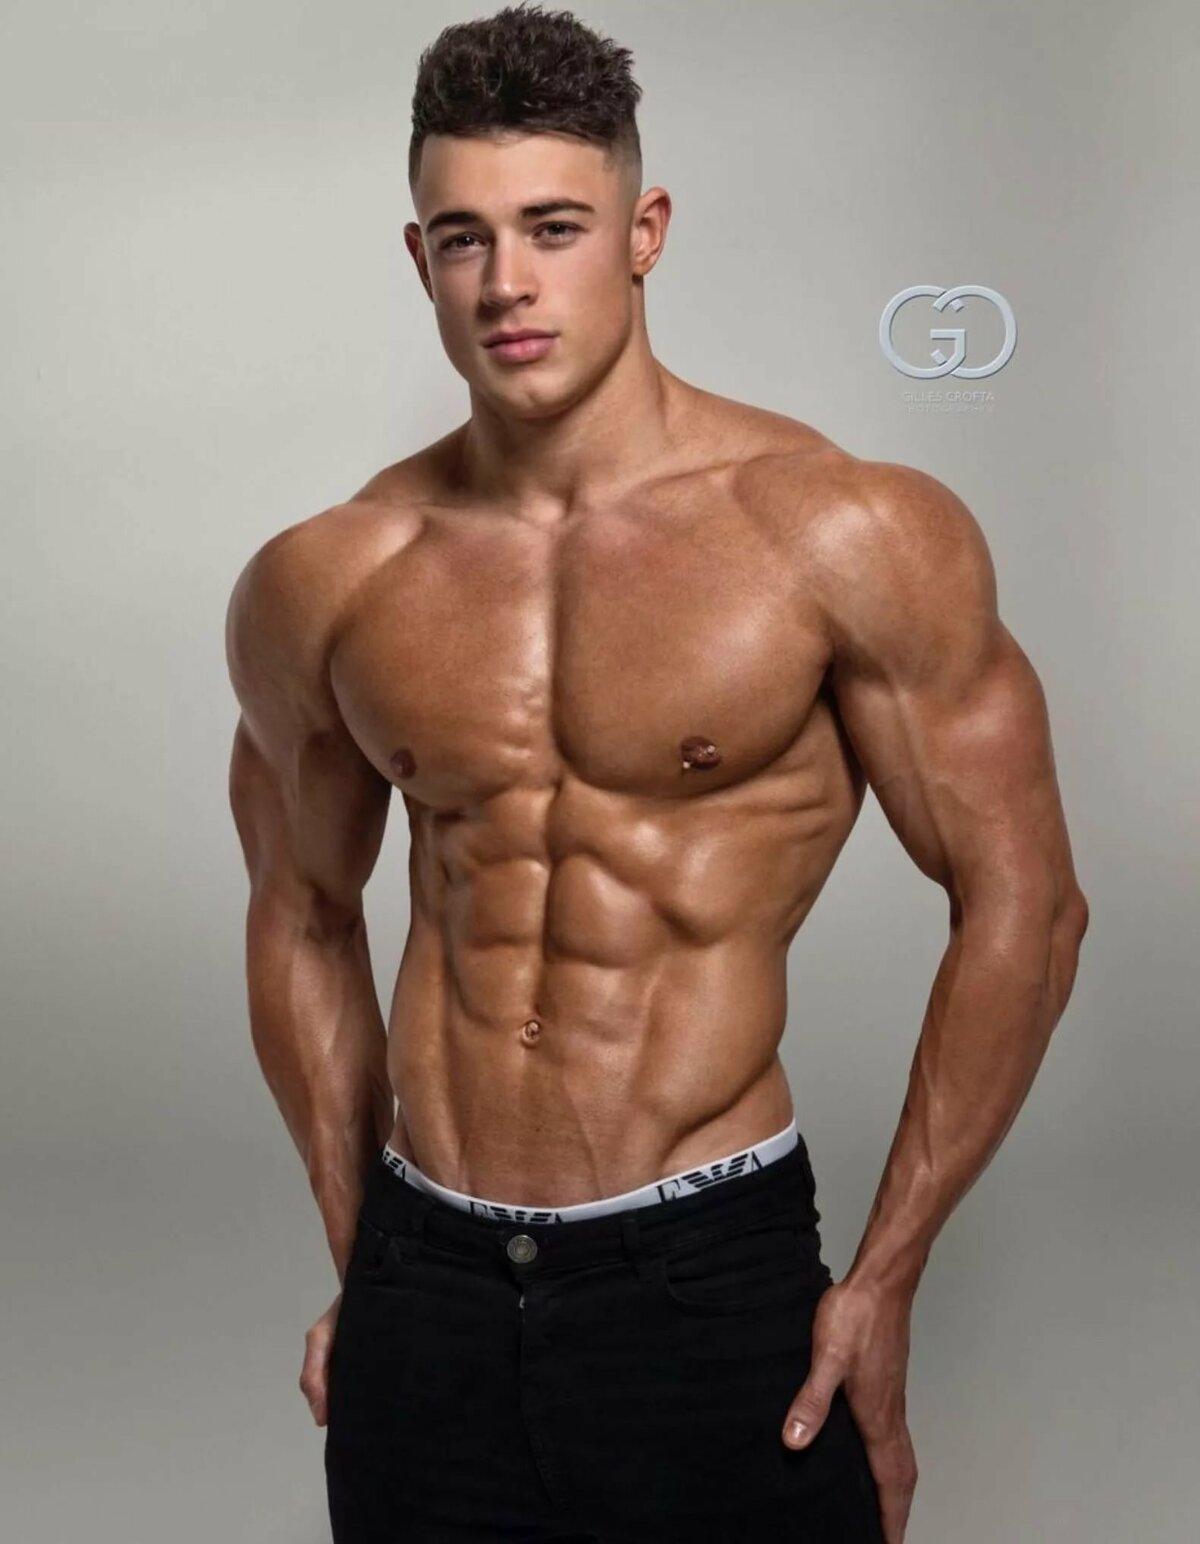 парень атлетического телосложения фото единый